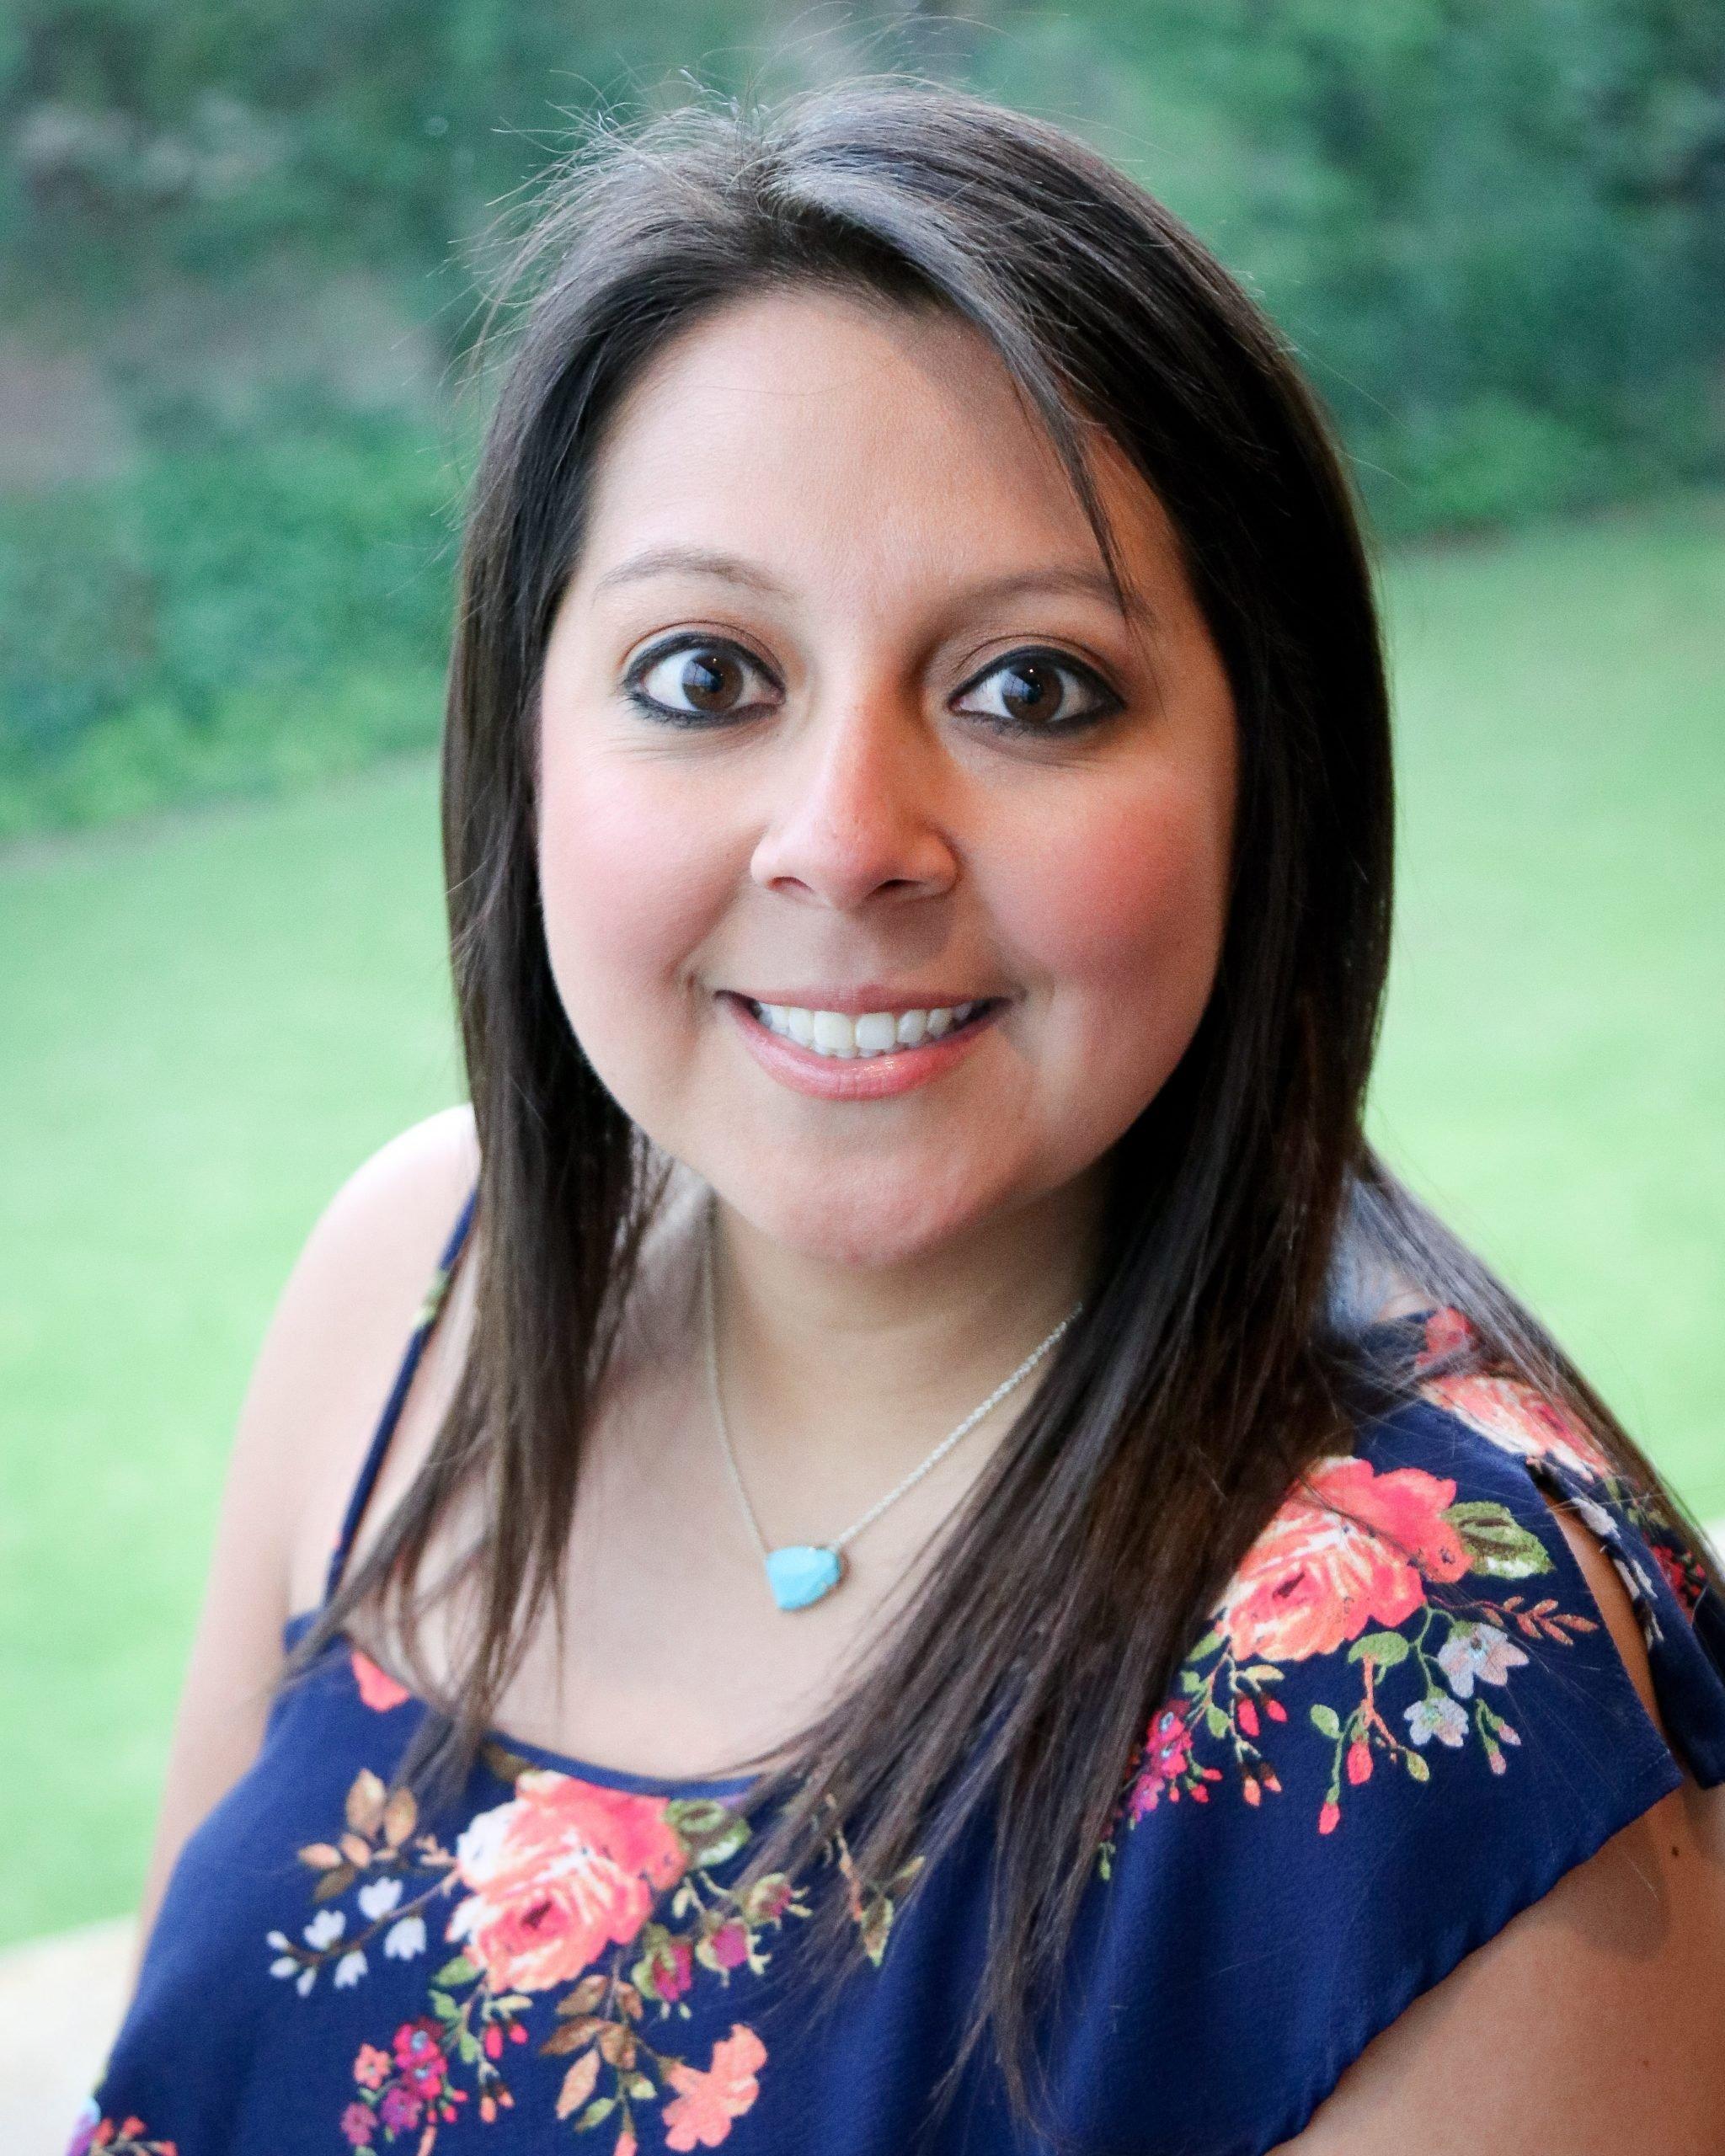 Sara Reyes